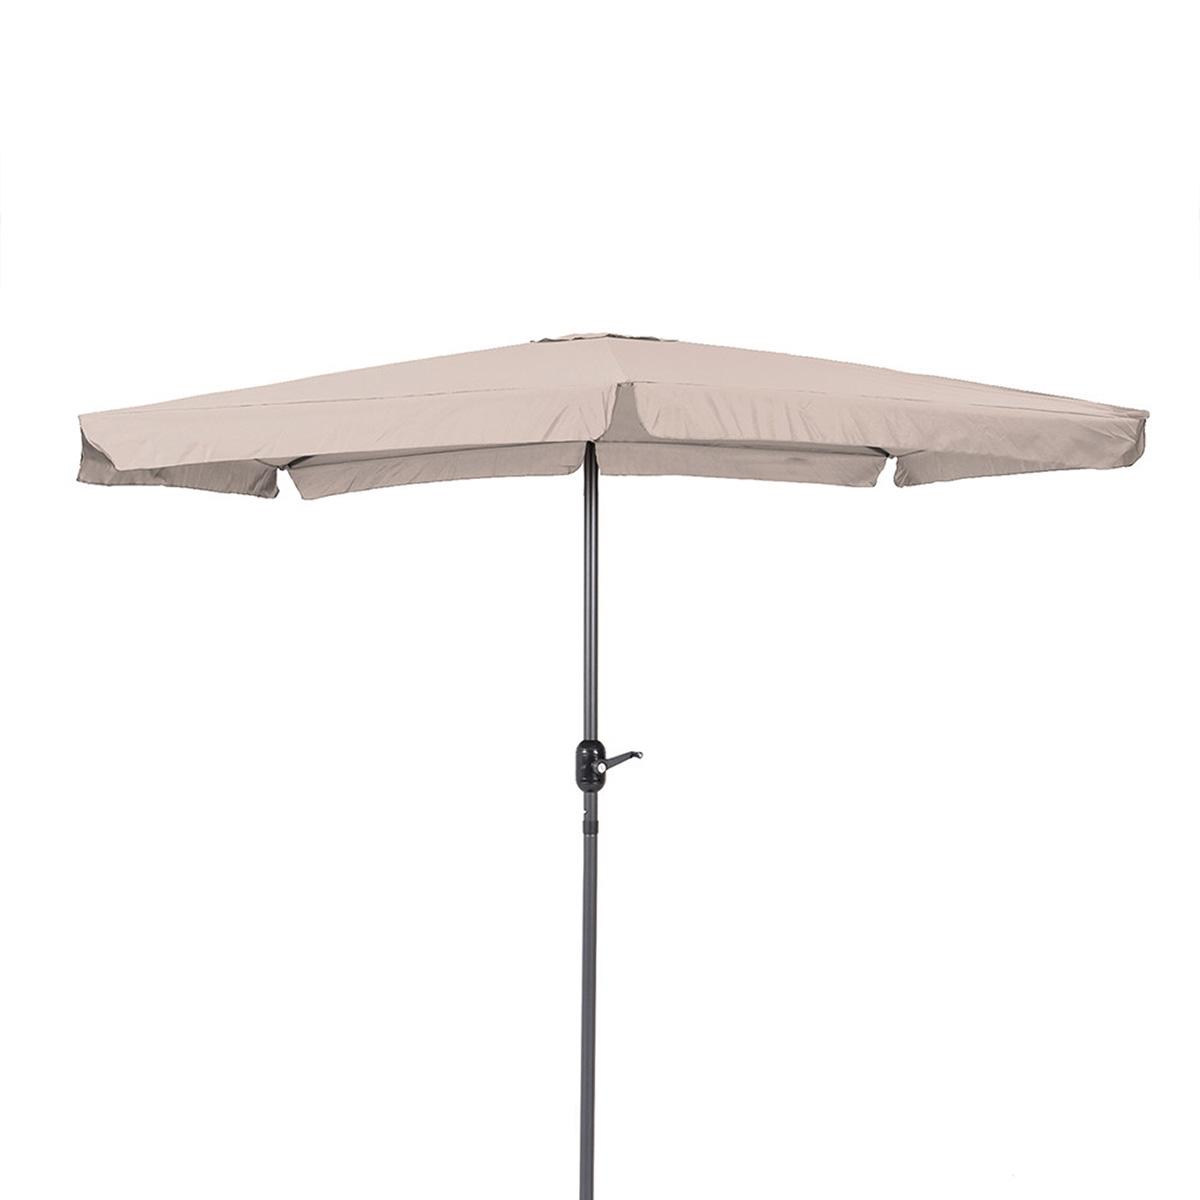 Parasol carré en aluminium - Beige - 250.00 cm x 250.00 cm